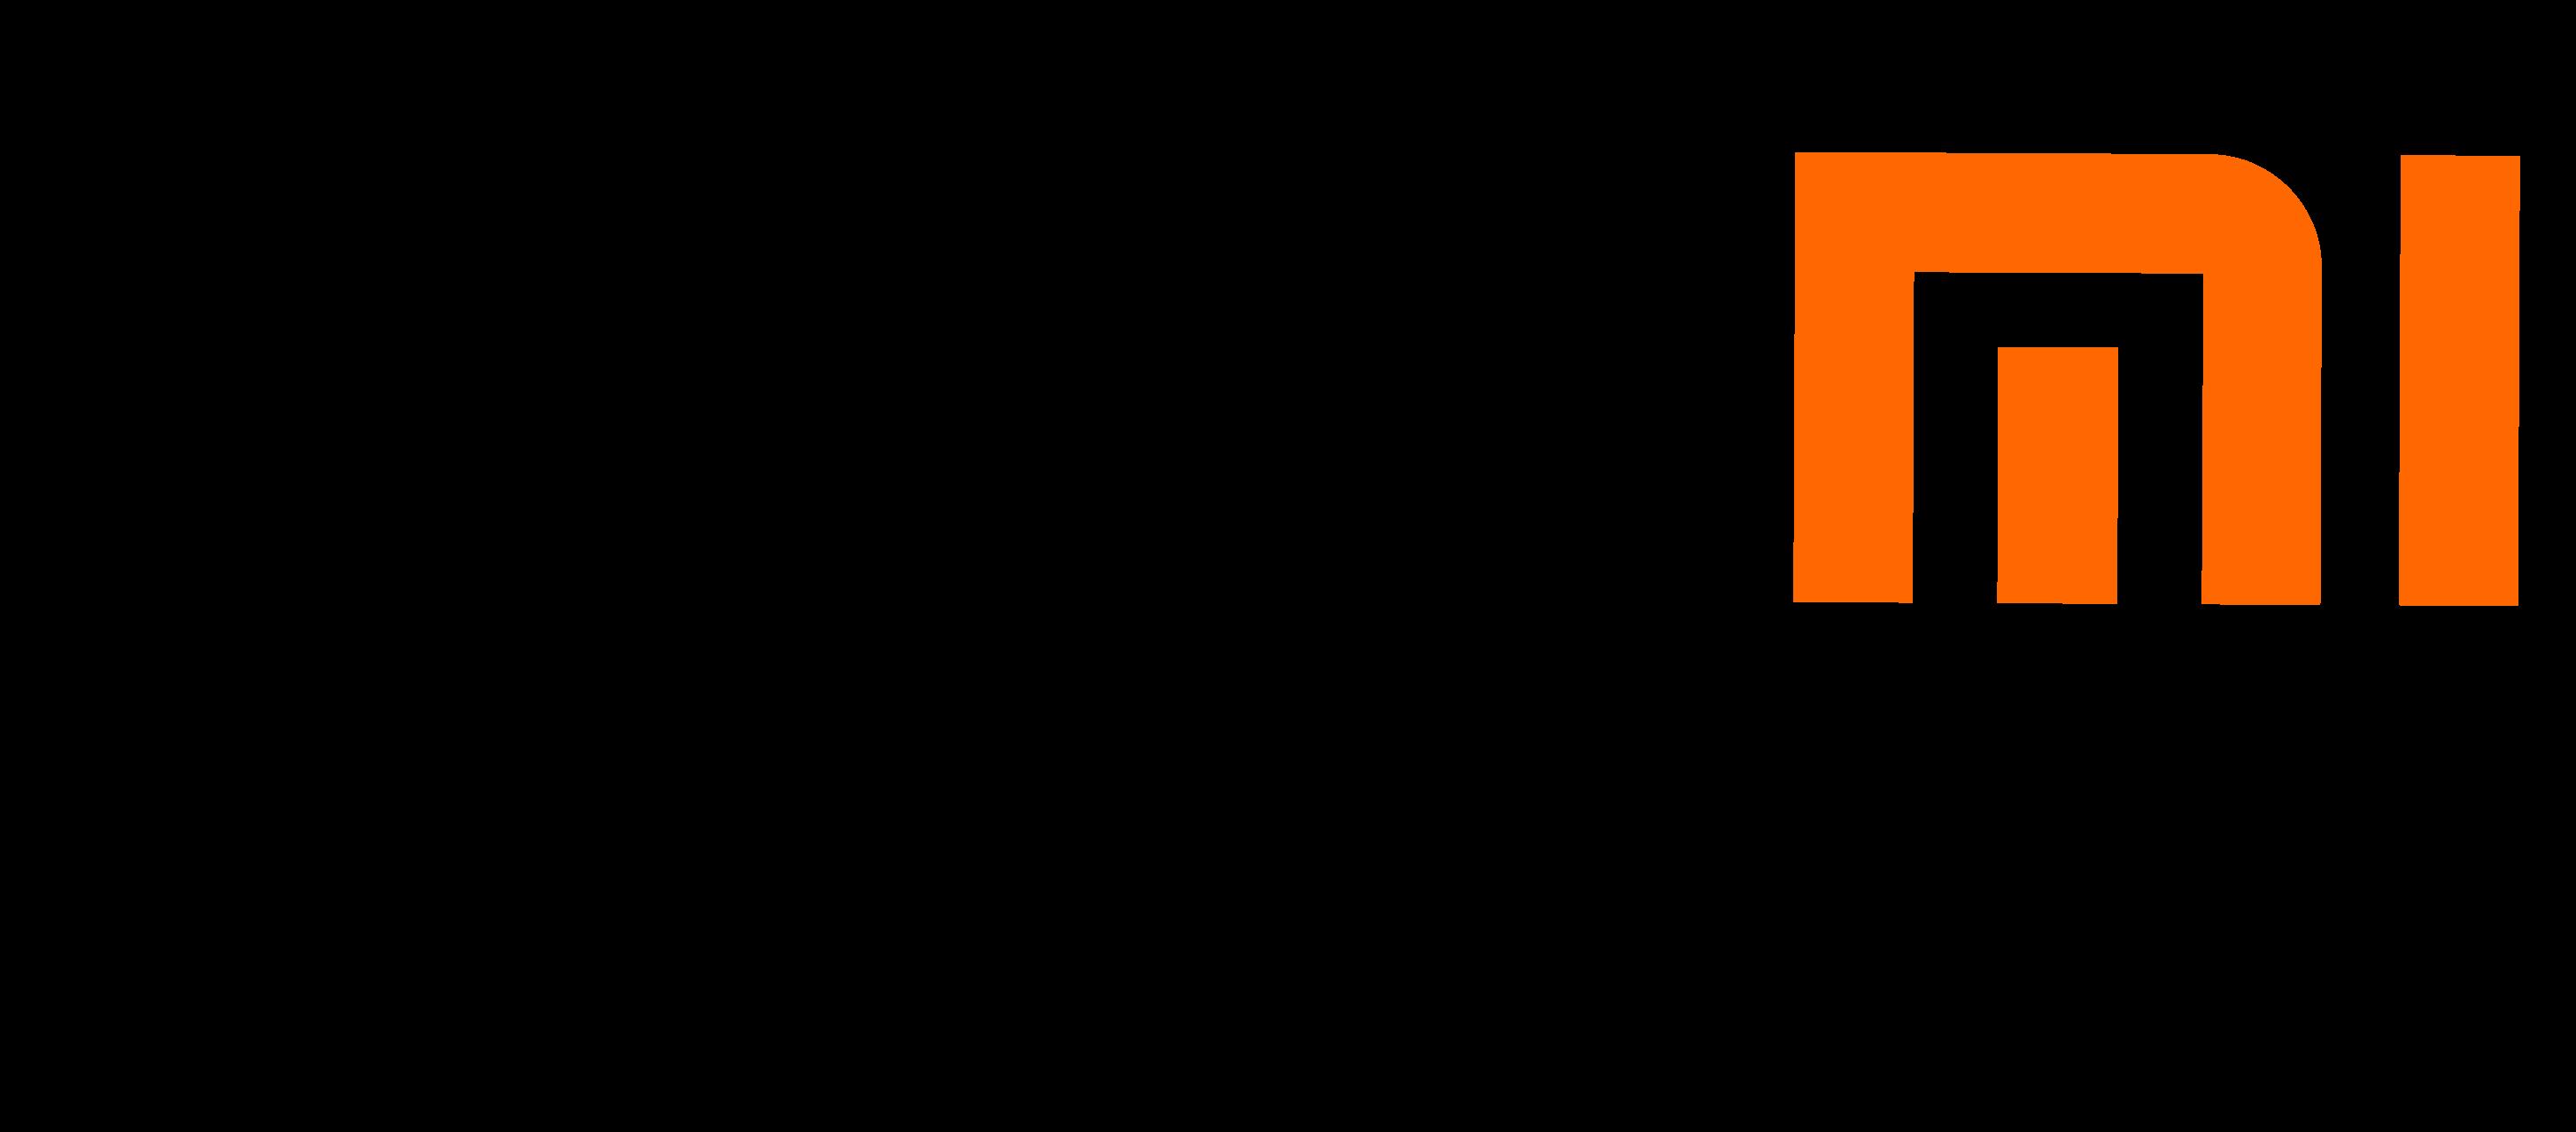 XiaomiMagazine.com